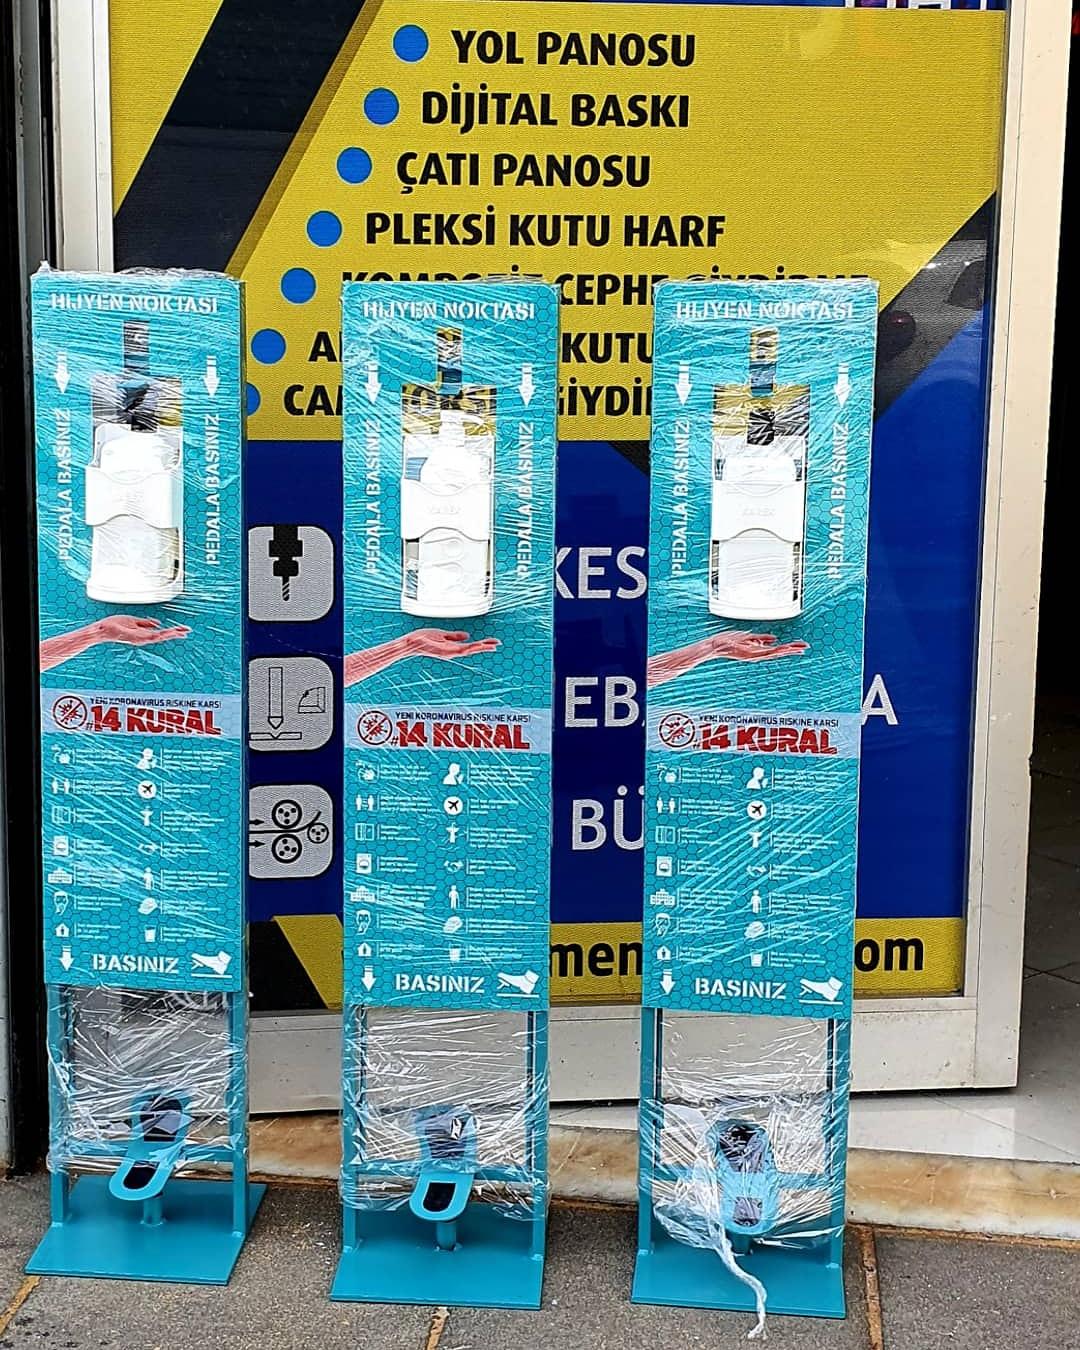 Ayak Basmalı Dezenfektan dispenseri